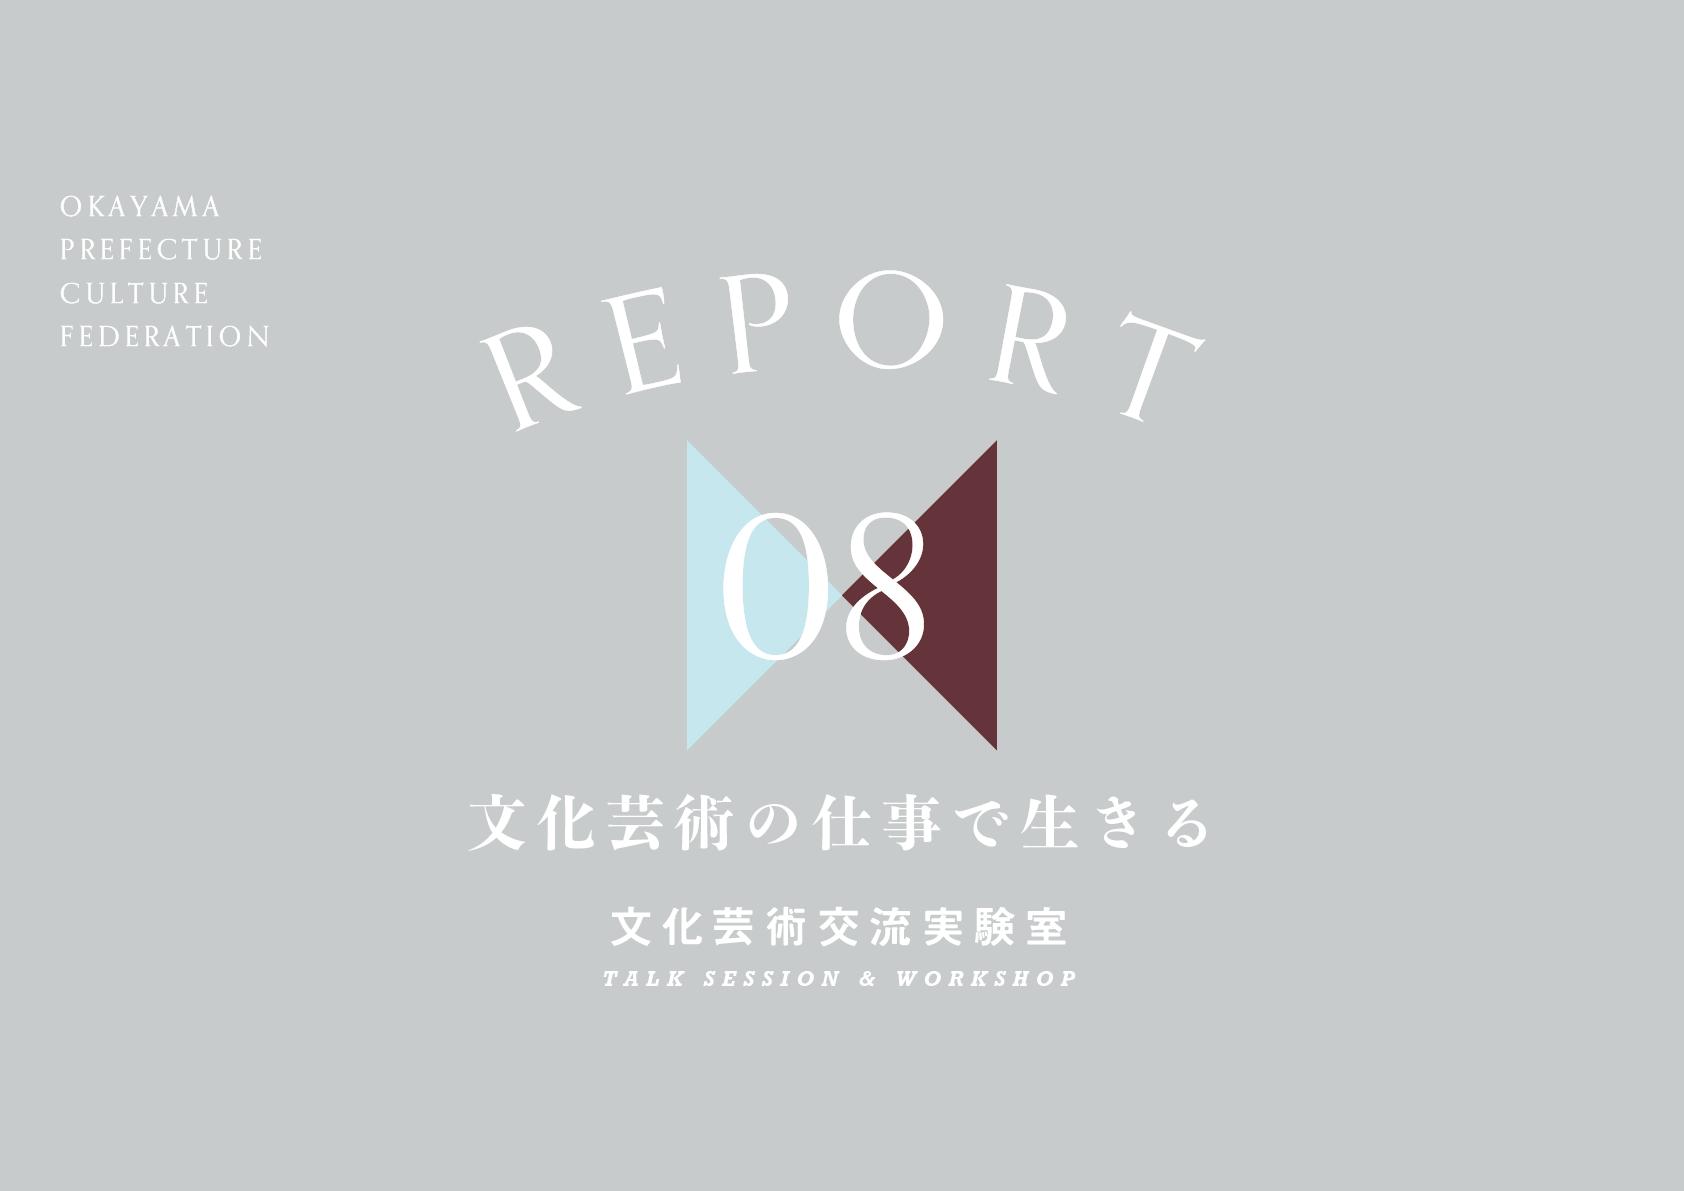 レポート「文化芸術の仕事で生きる」